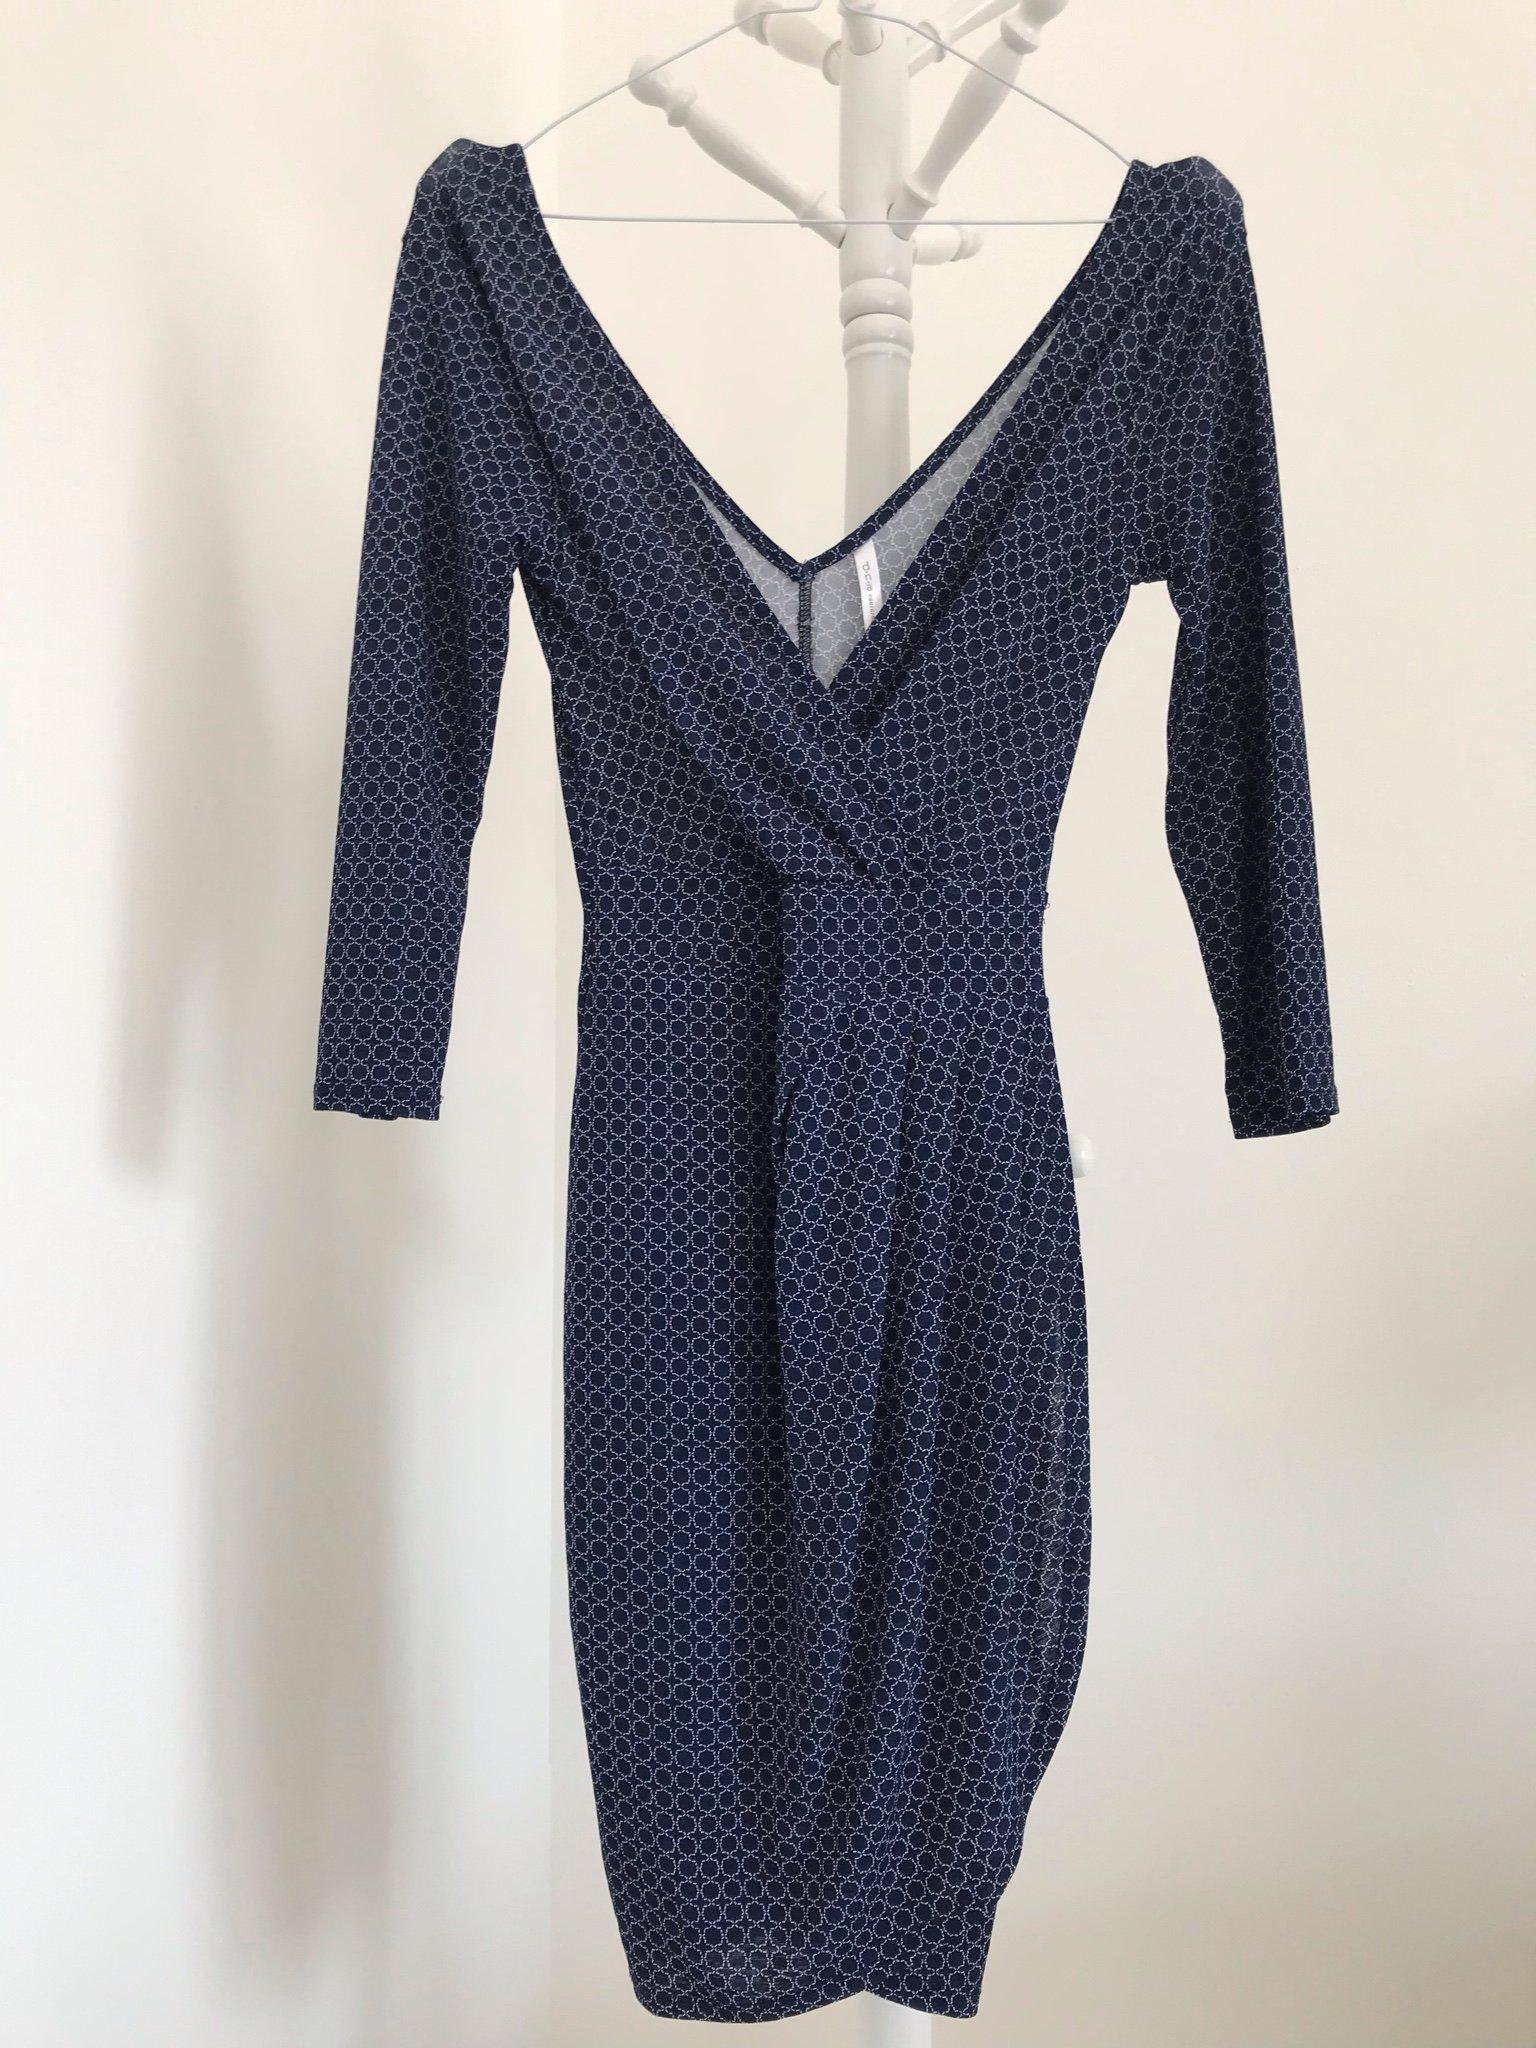 fbf4b841a43 DNA couture klänning 36 small v-ringad Marinblå blommig omlott kort  långärmad ...